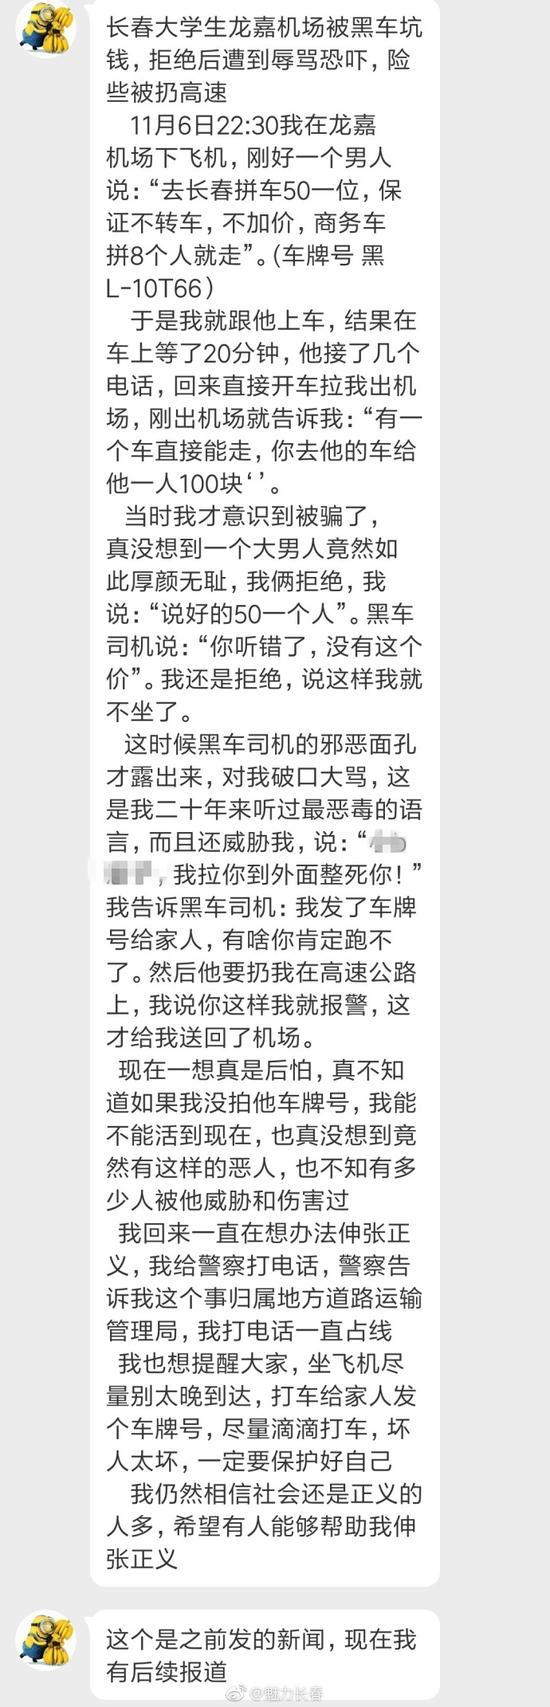 龙嘉机场派出所:涉事司机被处10日拘留